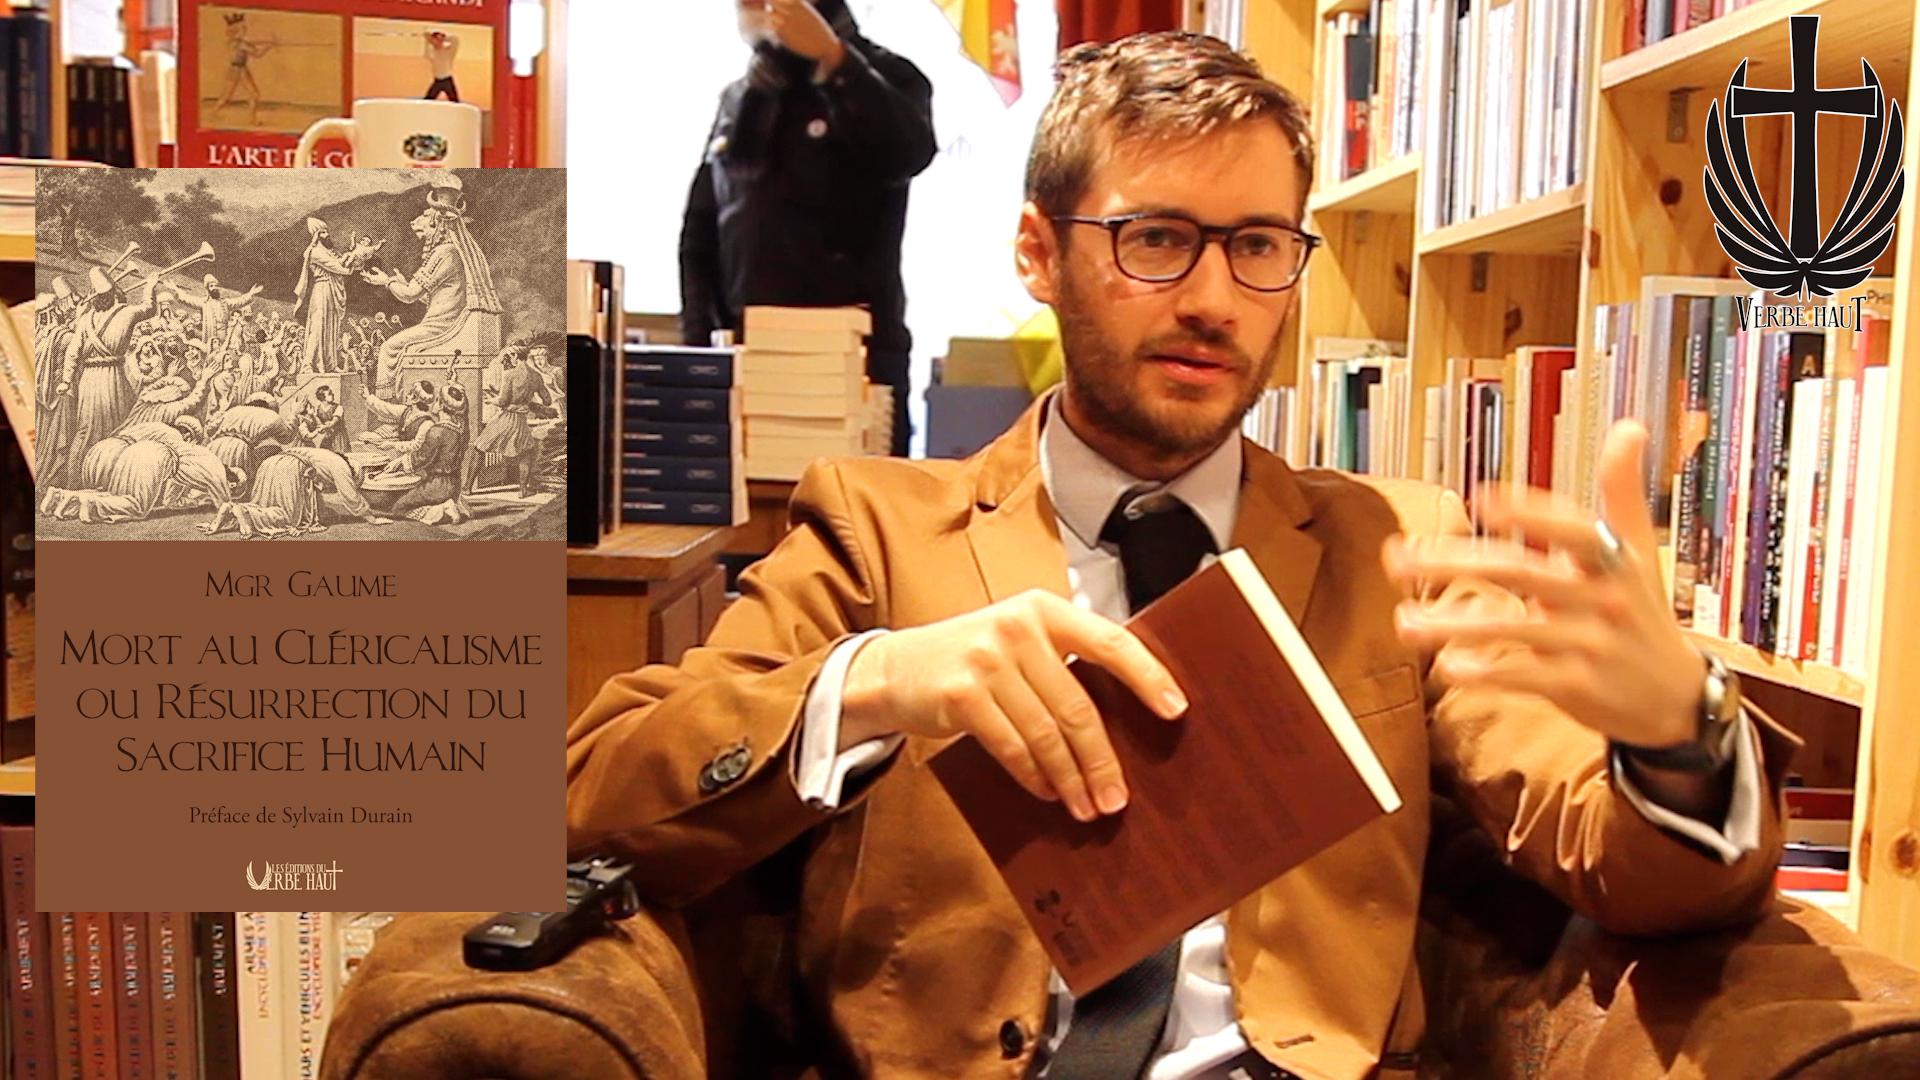 Présentation du livre de Monseigneur Gaume